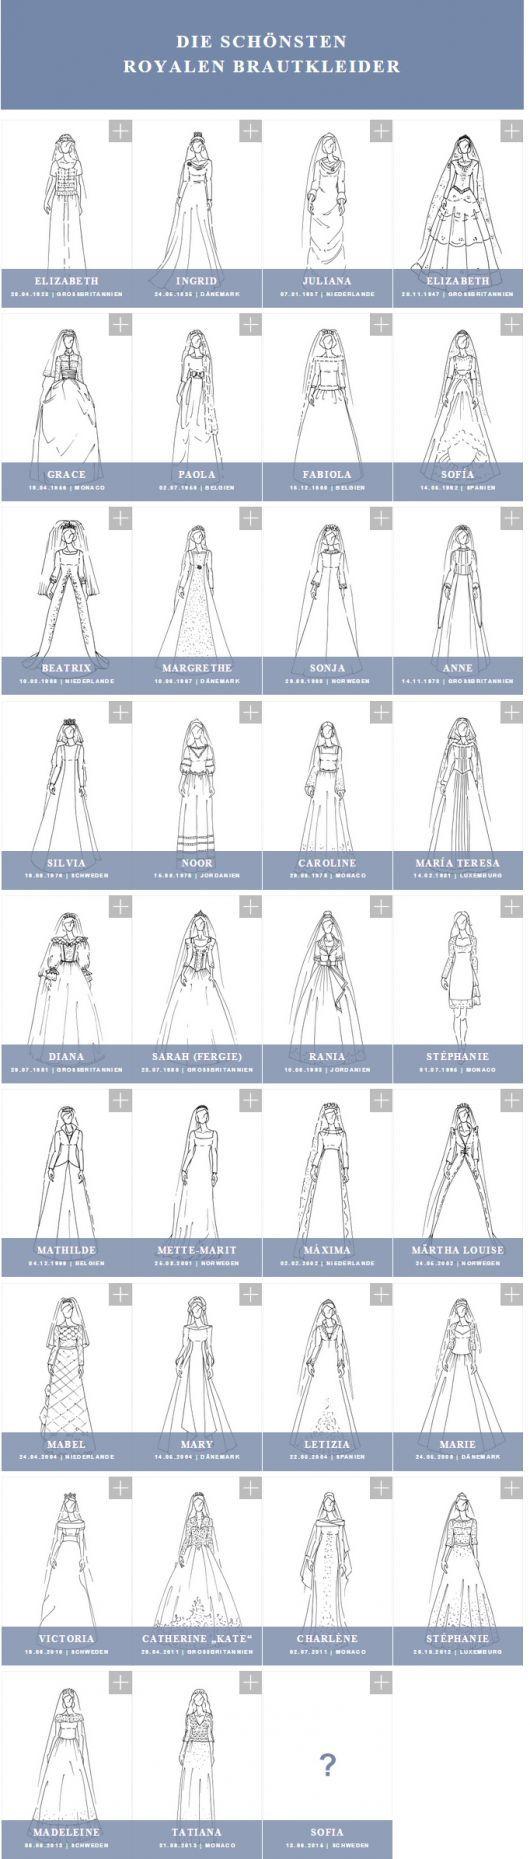 100 Jahre königliche Hochzeitskleider - gefunden bei zalando.de